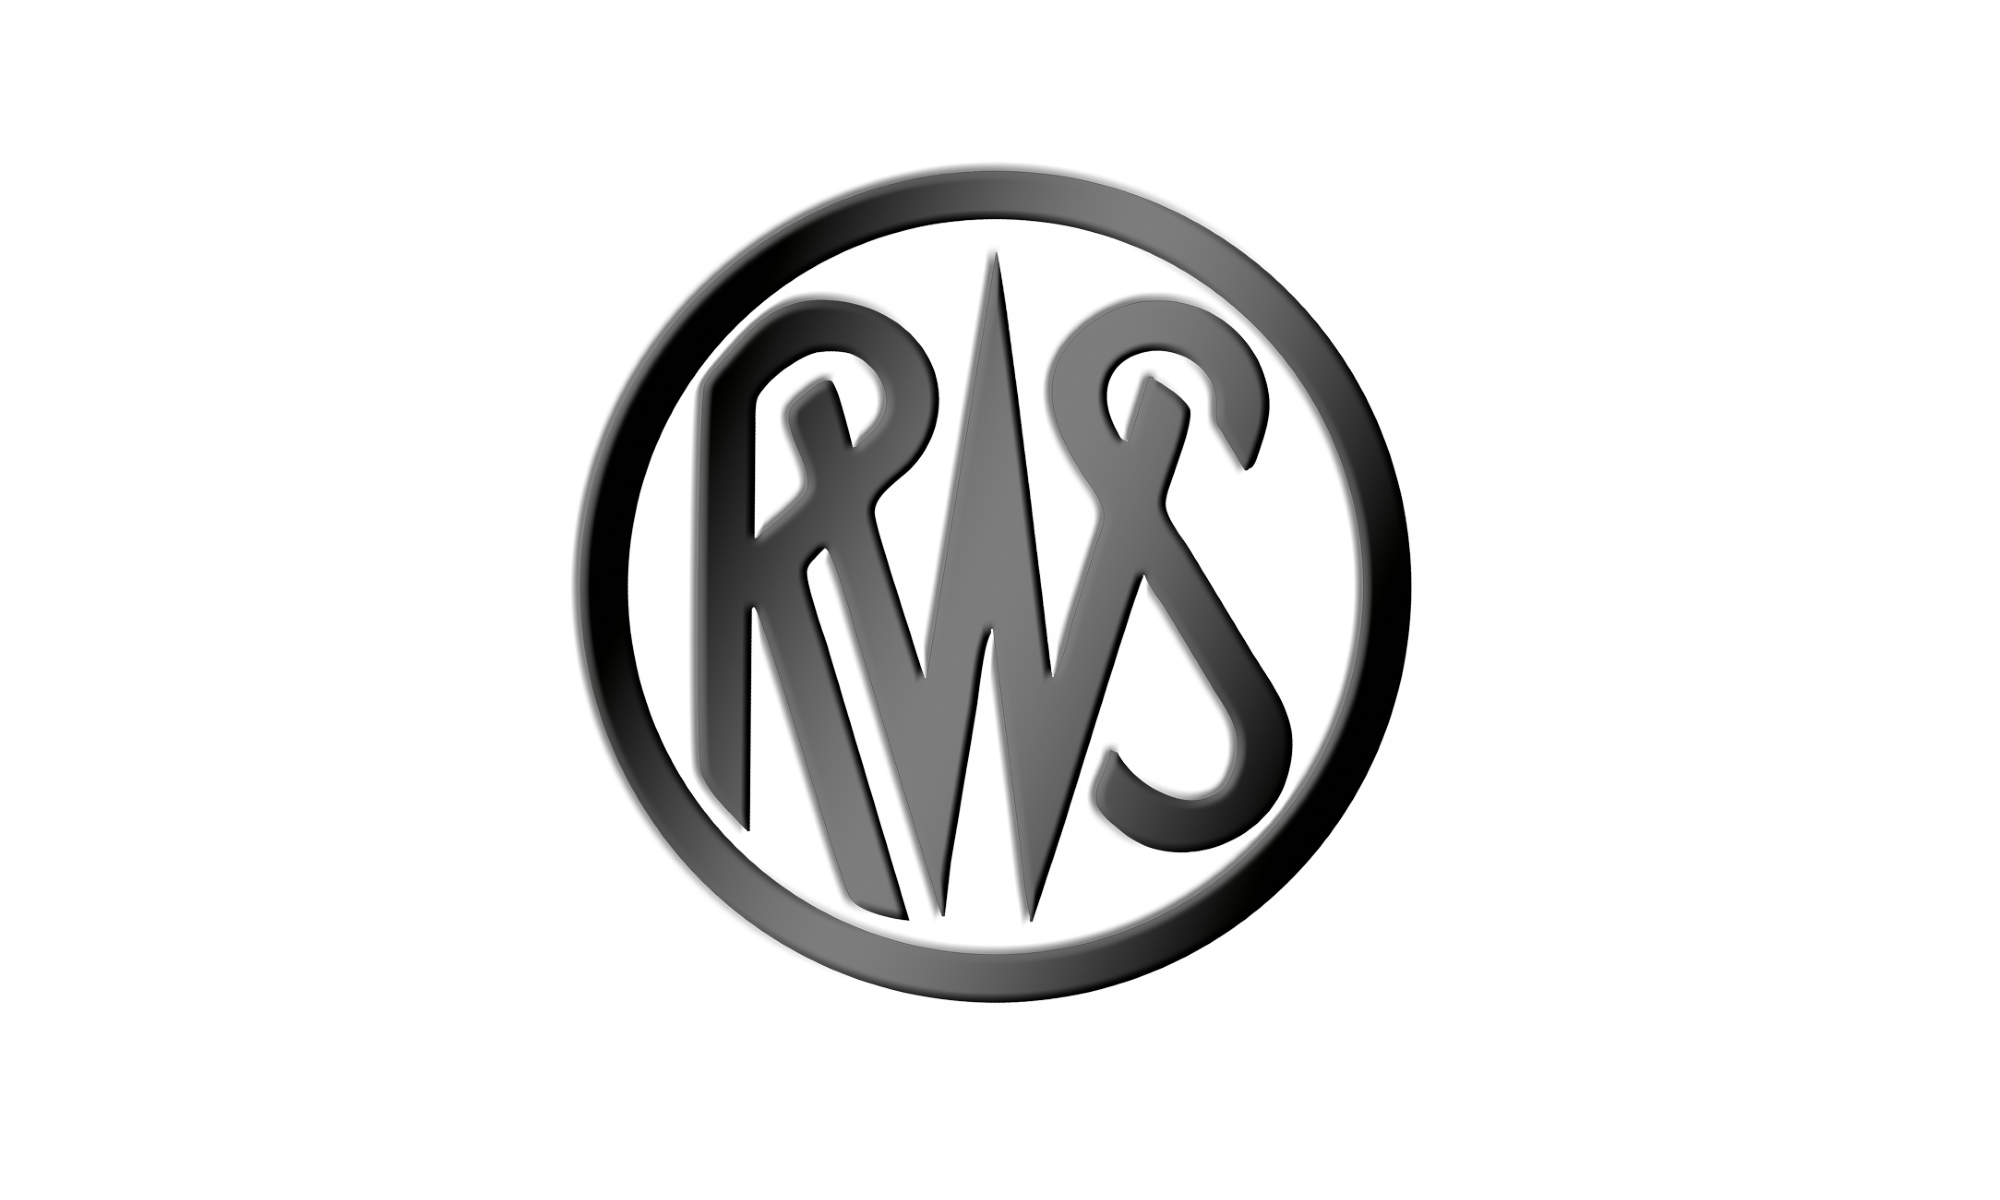 RWS Cup